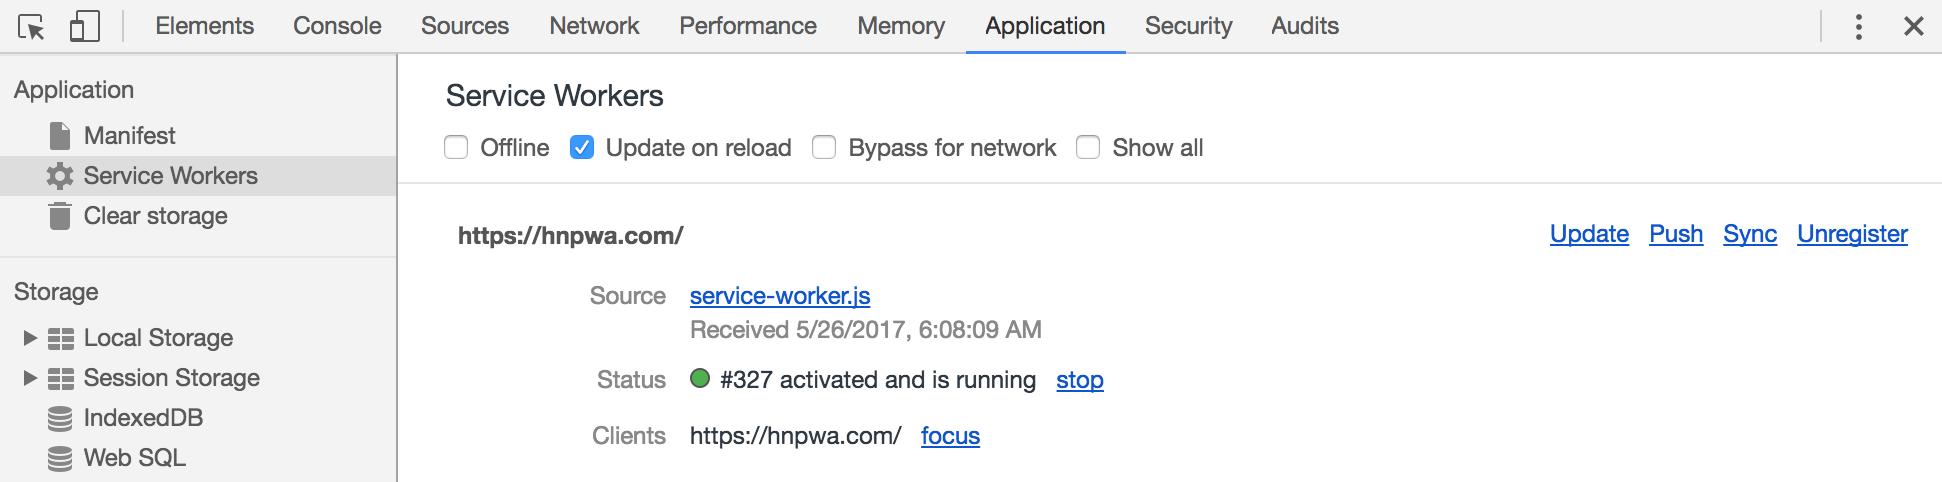 Chrome DevTools Application Tab